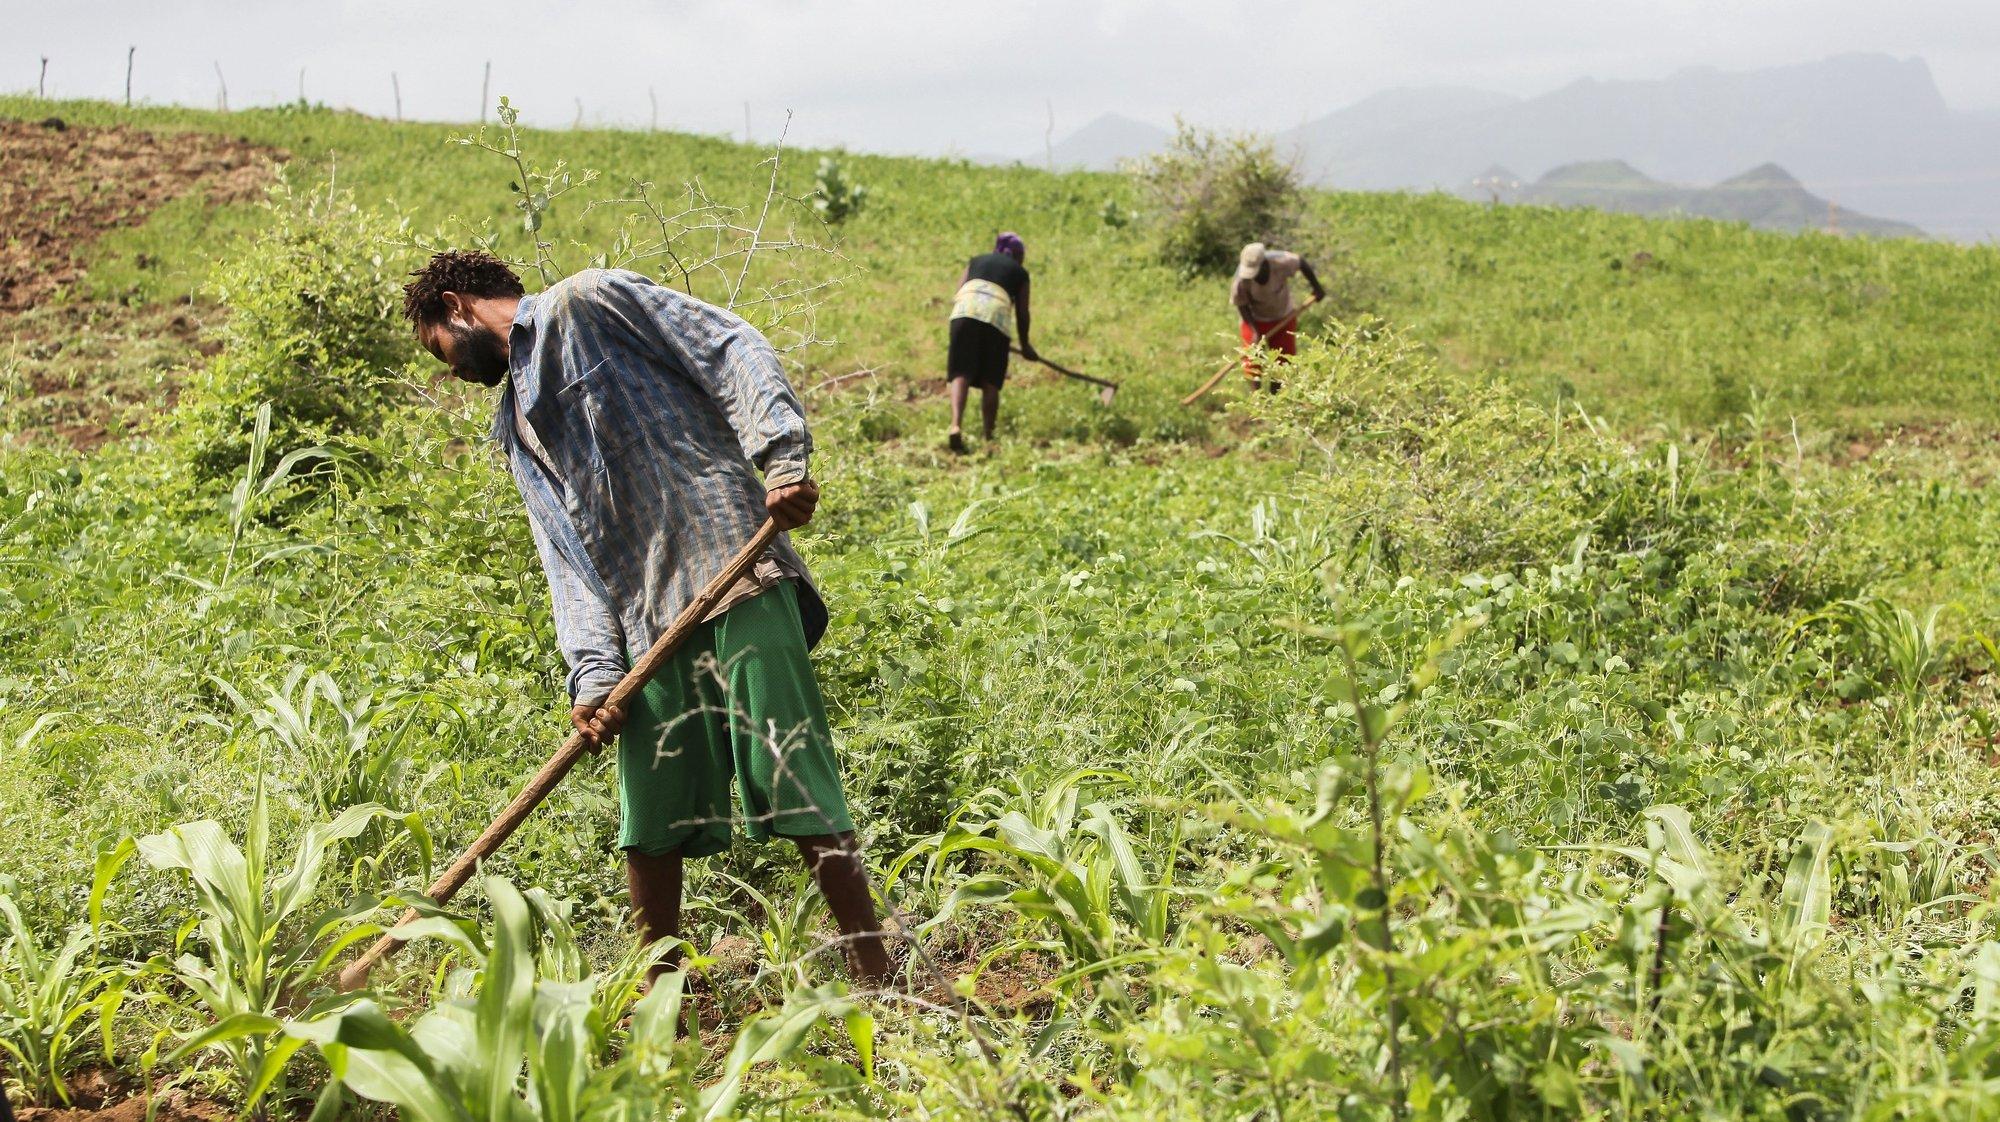 Apesar de pouca, as chuvas no início de setembro permitiram a cultura de milho e há campos cobertos de verde, pasto para os animais e água abundante nas ribeiras, como não se via nos últimos três anos de seca no país. Noutros concelhos, os agricultores lutam contra as pragas de gafanhotos e da lagarta do cartucho do milho e pedem mais chuvas para ainda garantir um bom ano agrícola. Ilha de Santiago, Cabo Verde, 29 de setembro de 2020. No início de setembro, o ministro da Agricultura e Ambiente de Cabo Verde, Gilberto Silva, disse que as chuvas em todo o arquipélago já garantem pasto, mas afirmou que ainda é preciso mais precipitações para produção de milho e feijões e recarga dos lençóis freáticos. ( ACOMPANHA TEXTO DO DIA 4 DE OUTUBRO DE 2020) FERNANDO DE PINA/LUSA